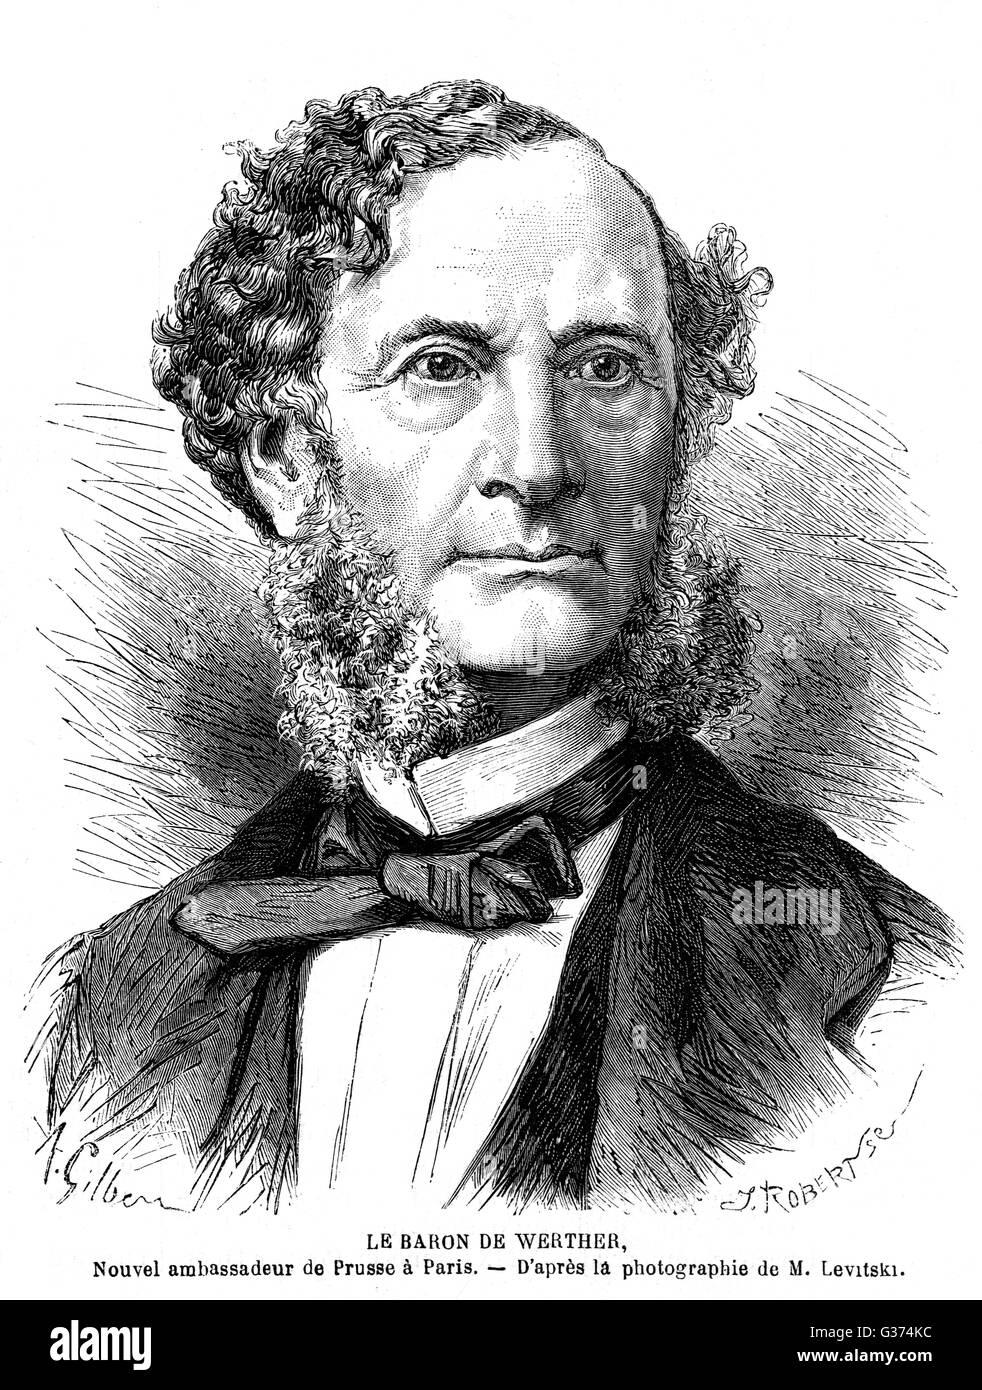 KARL ANTON Baron von WERTHER embajador de Prusia a Francia en 1869: en menos de un año los dos países estarían en guerra... Fecha: 1809 - 1894 Foto de stock